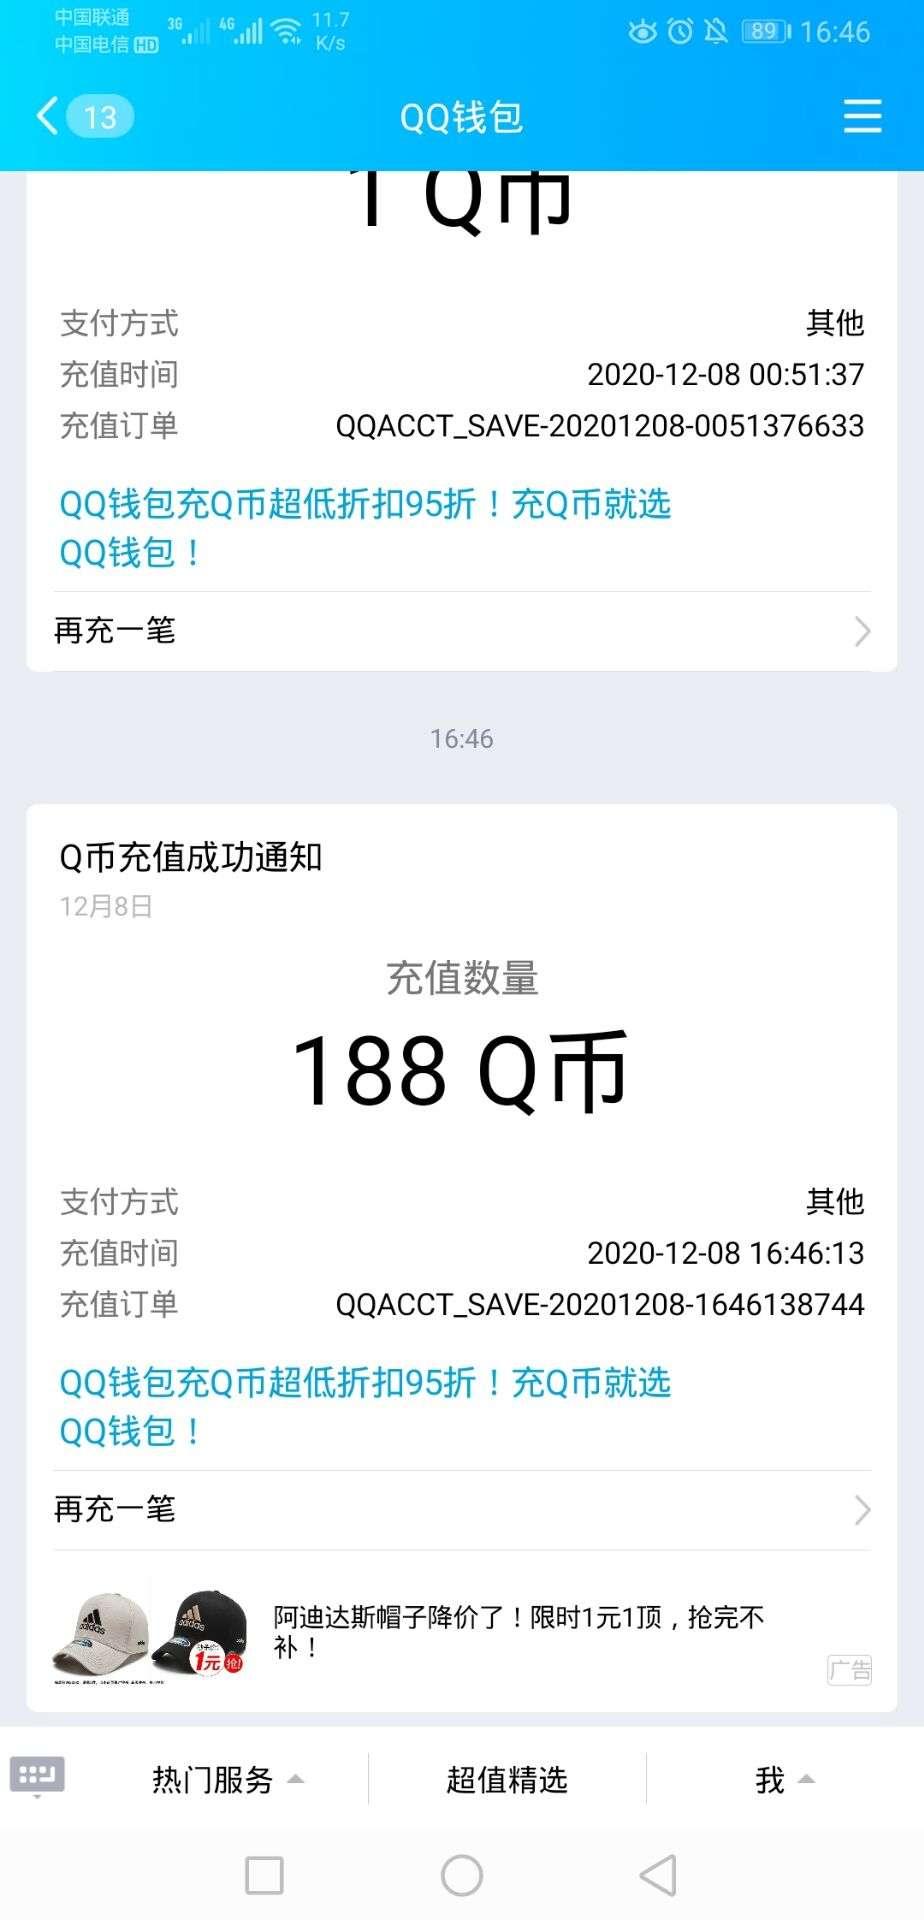 秦时明月集卡领QB-聚合资源网